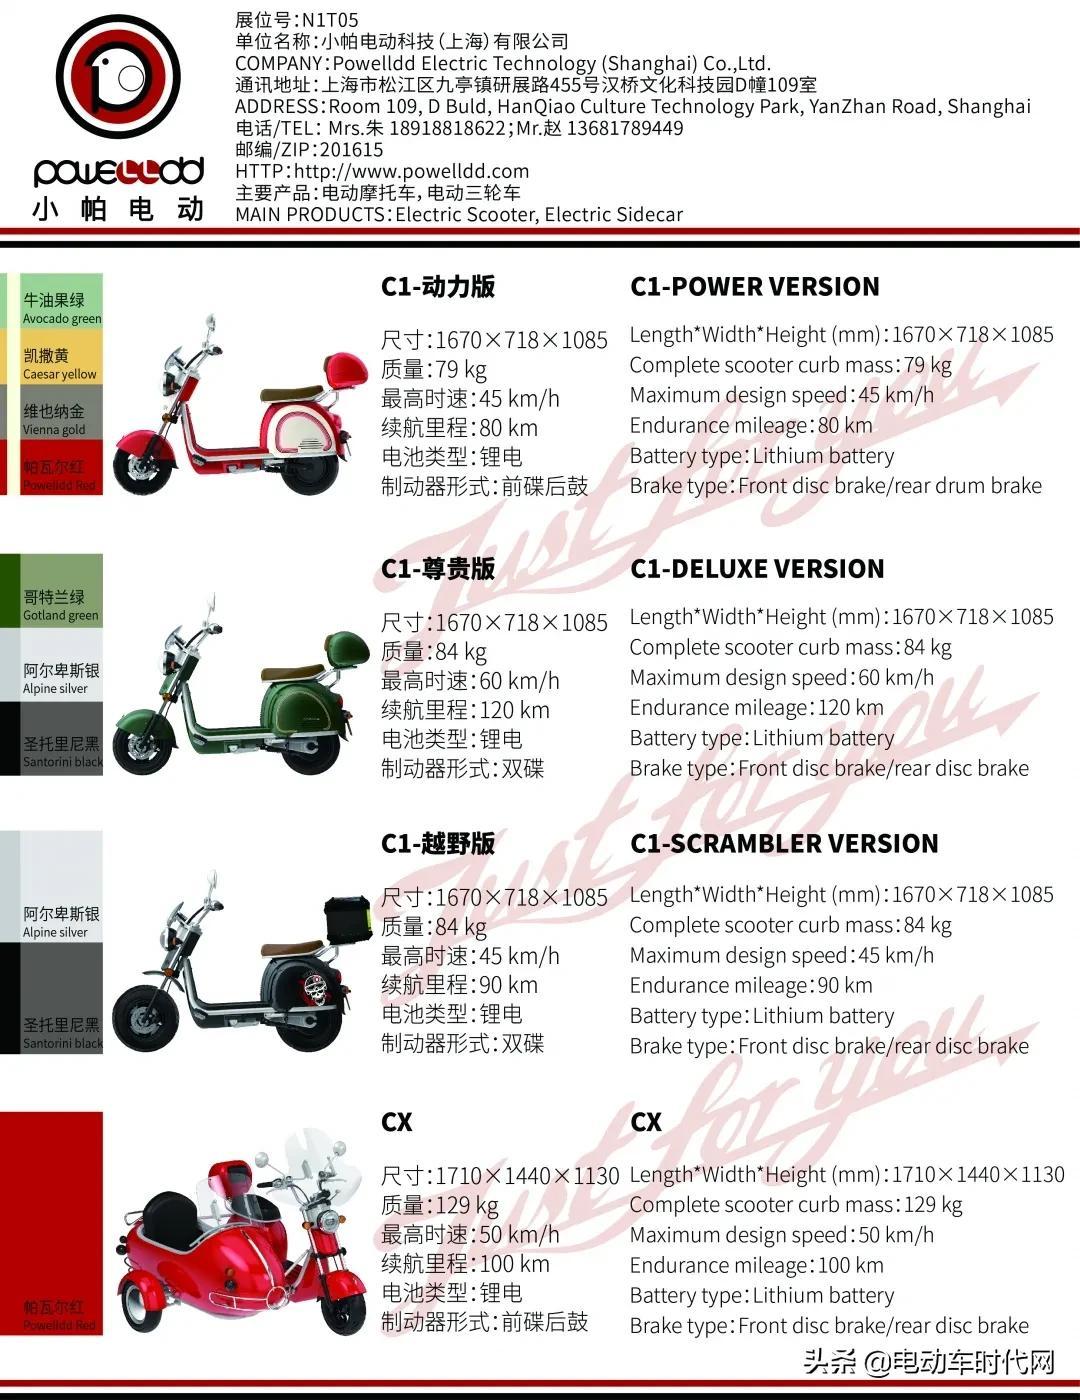 時代頭條丨天津展提前看!解讀小帕電動產品軟硬實力